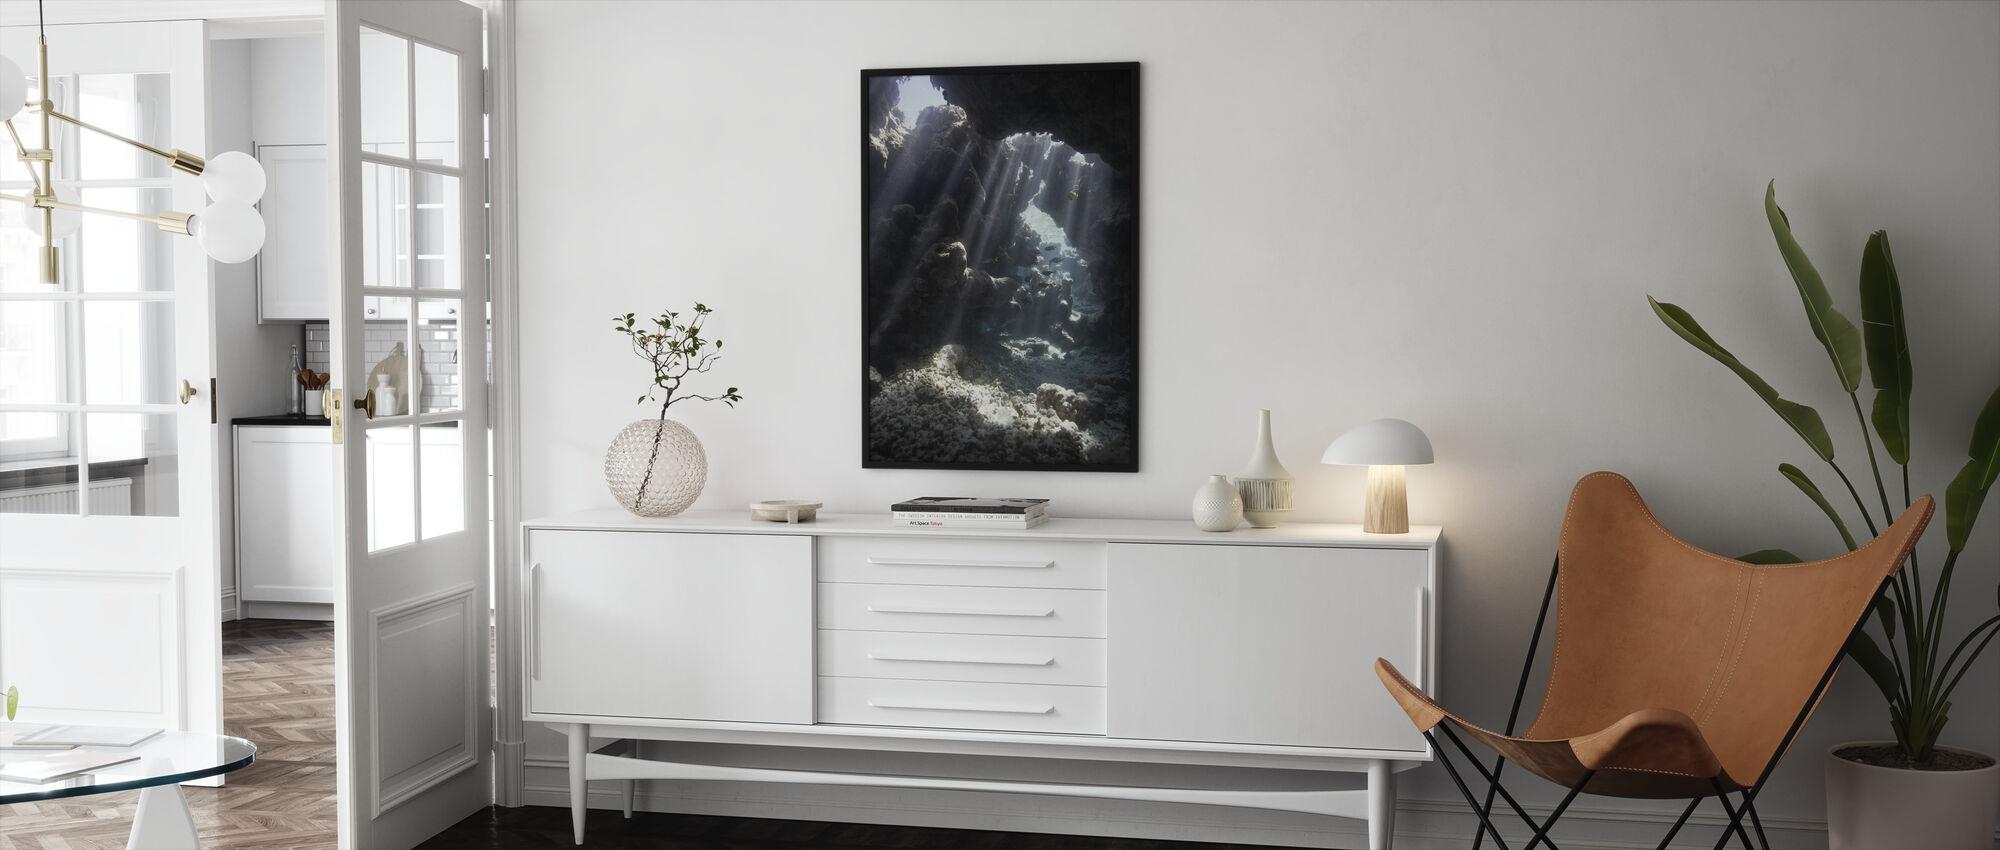 Sunbeams through Water - Framed print - Living Room